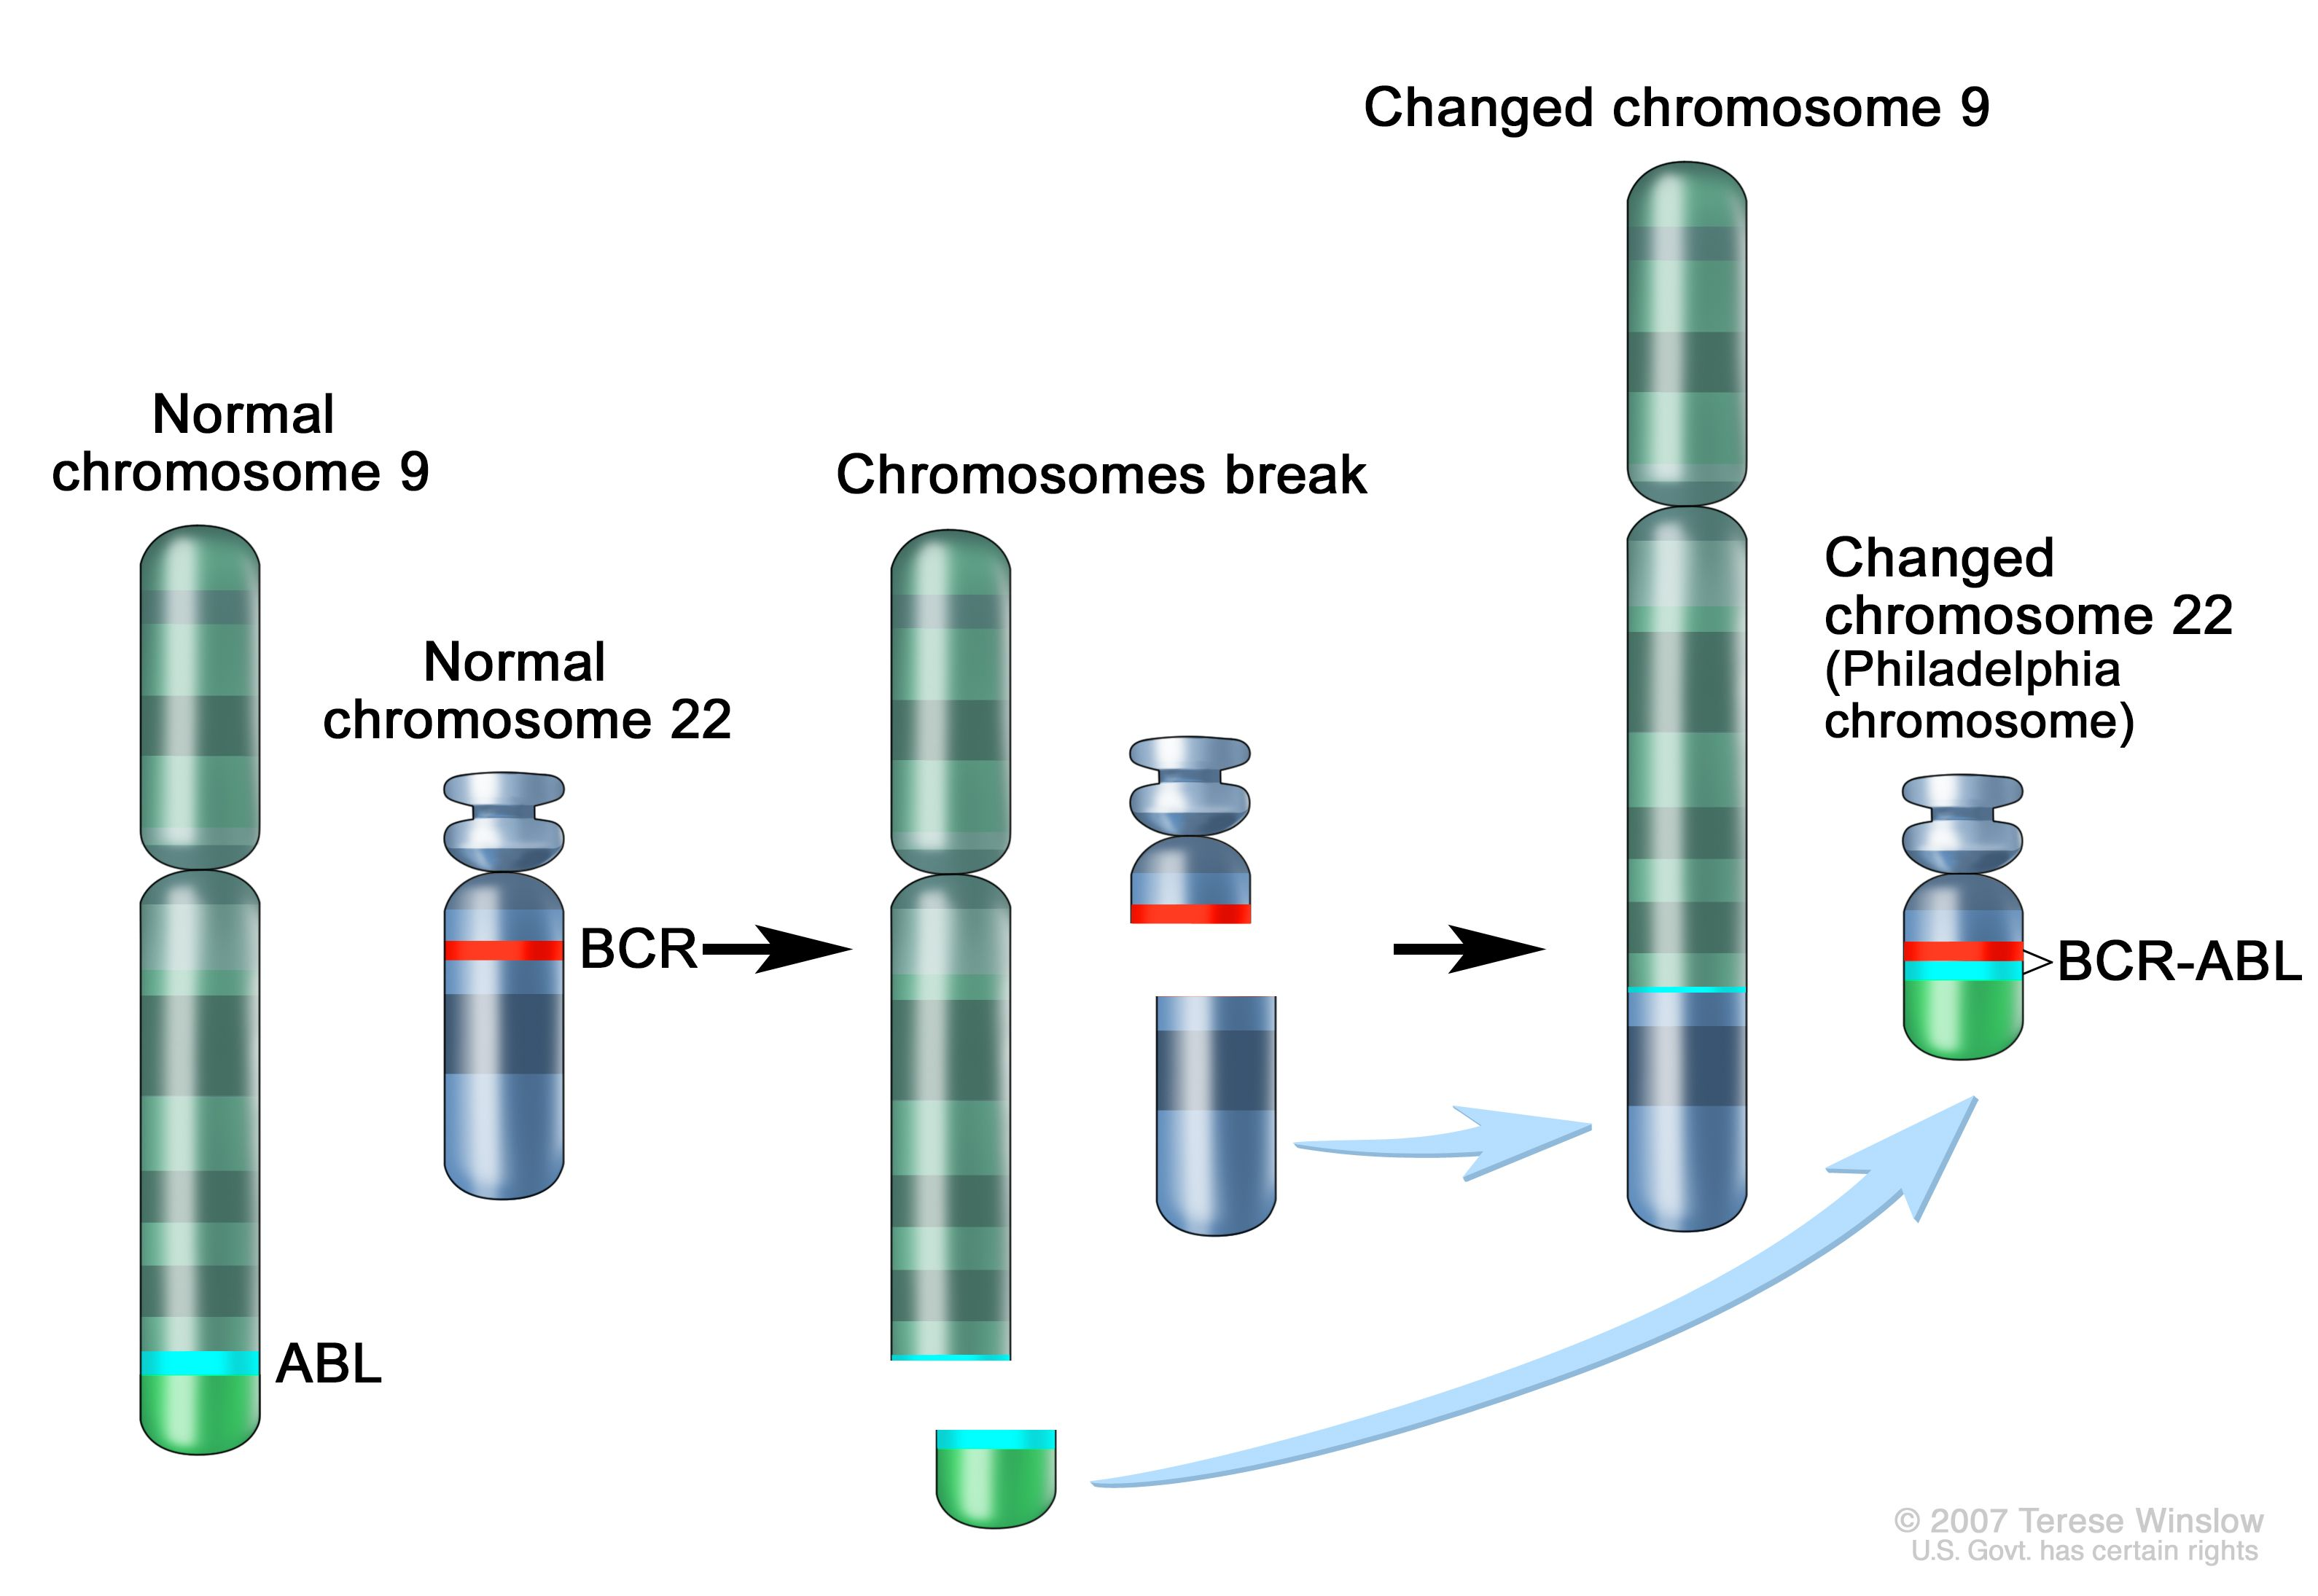 Филаделфия хромозома